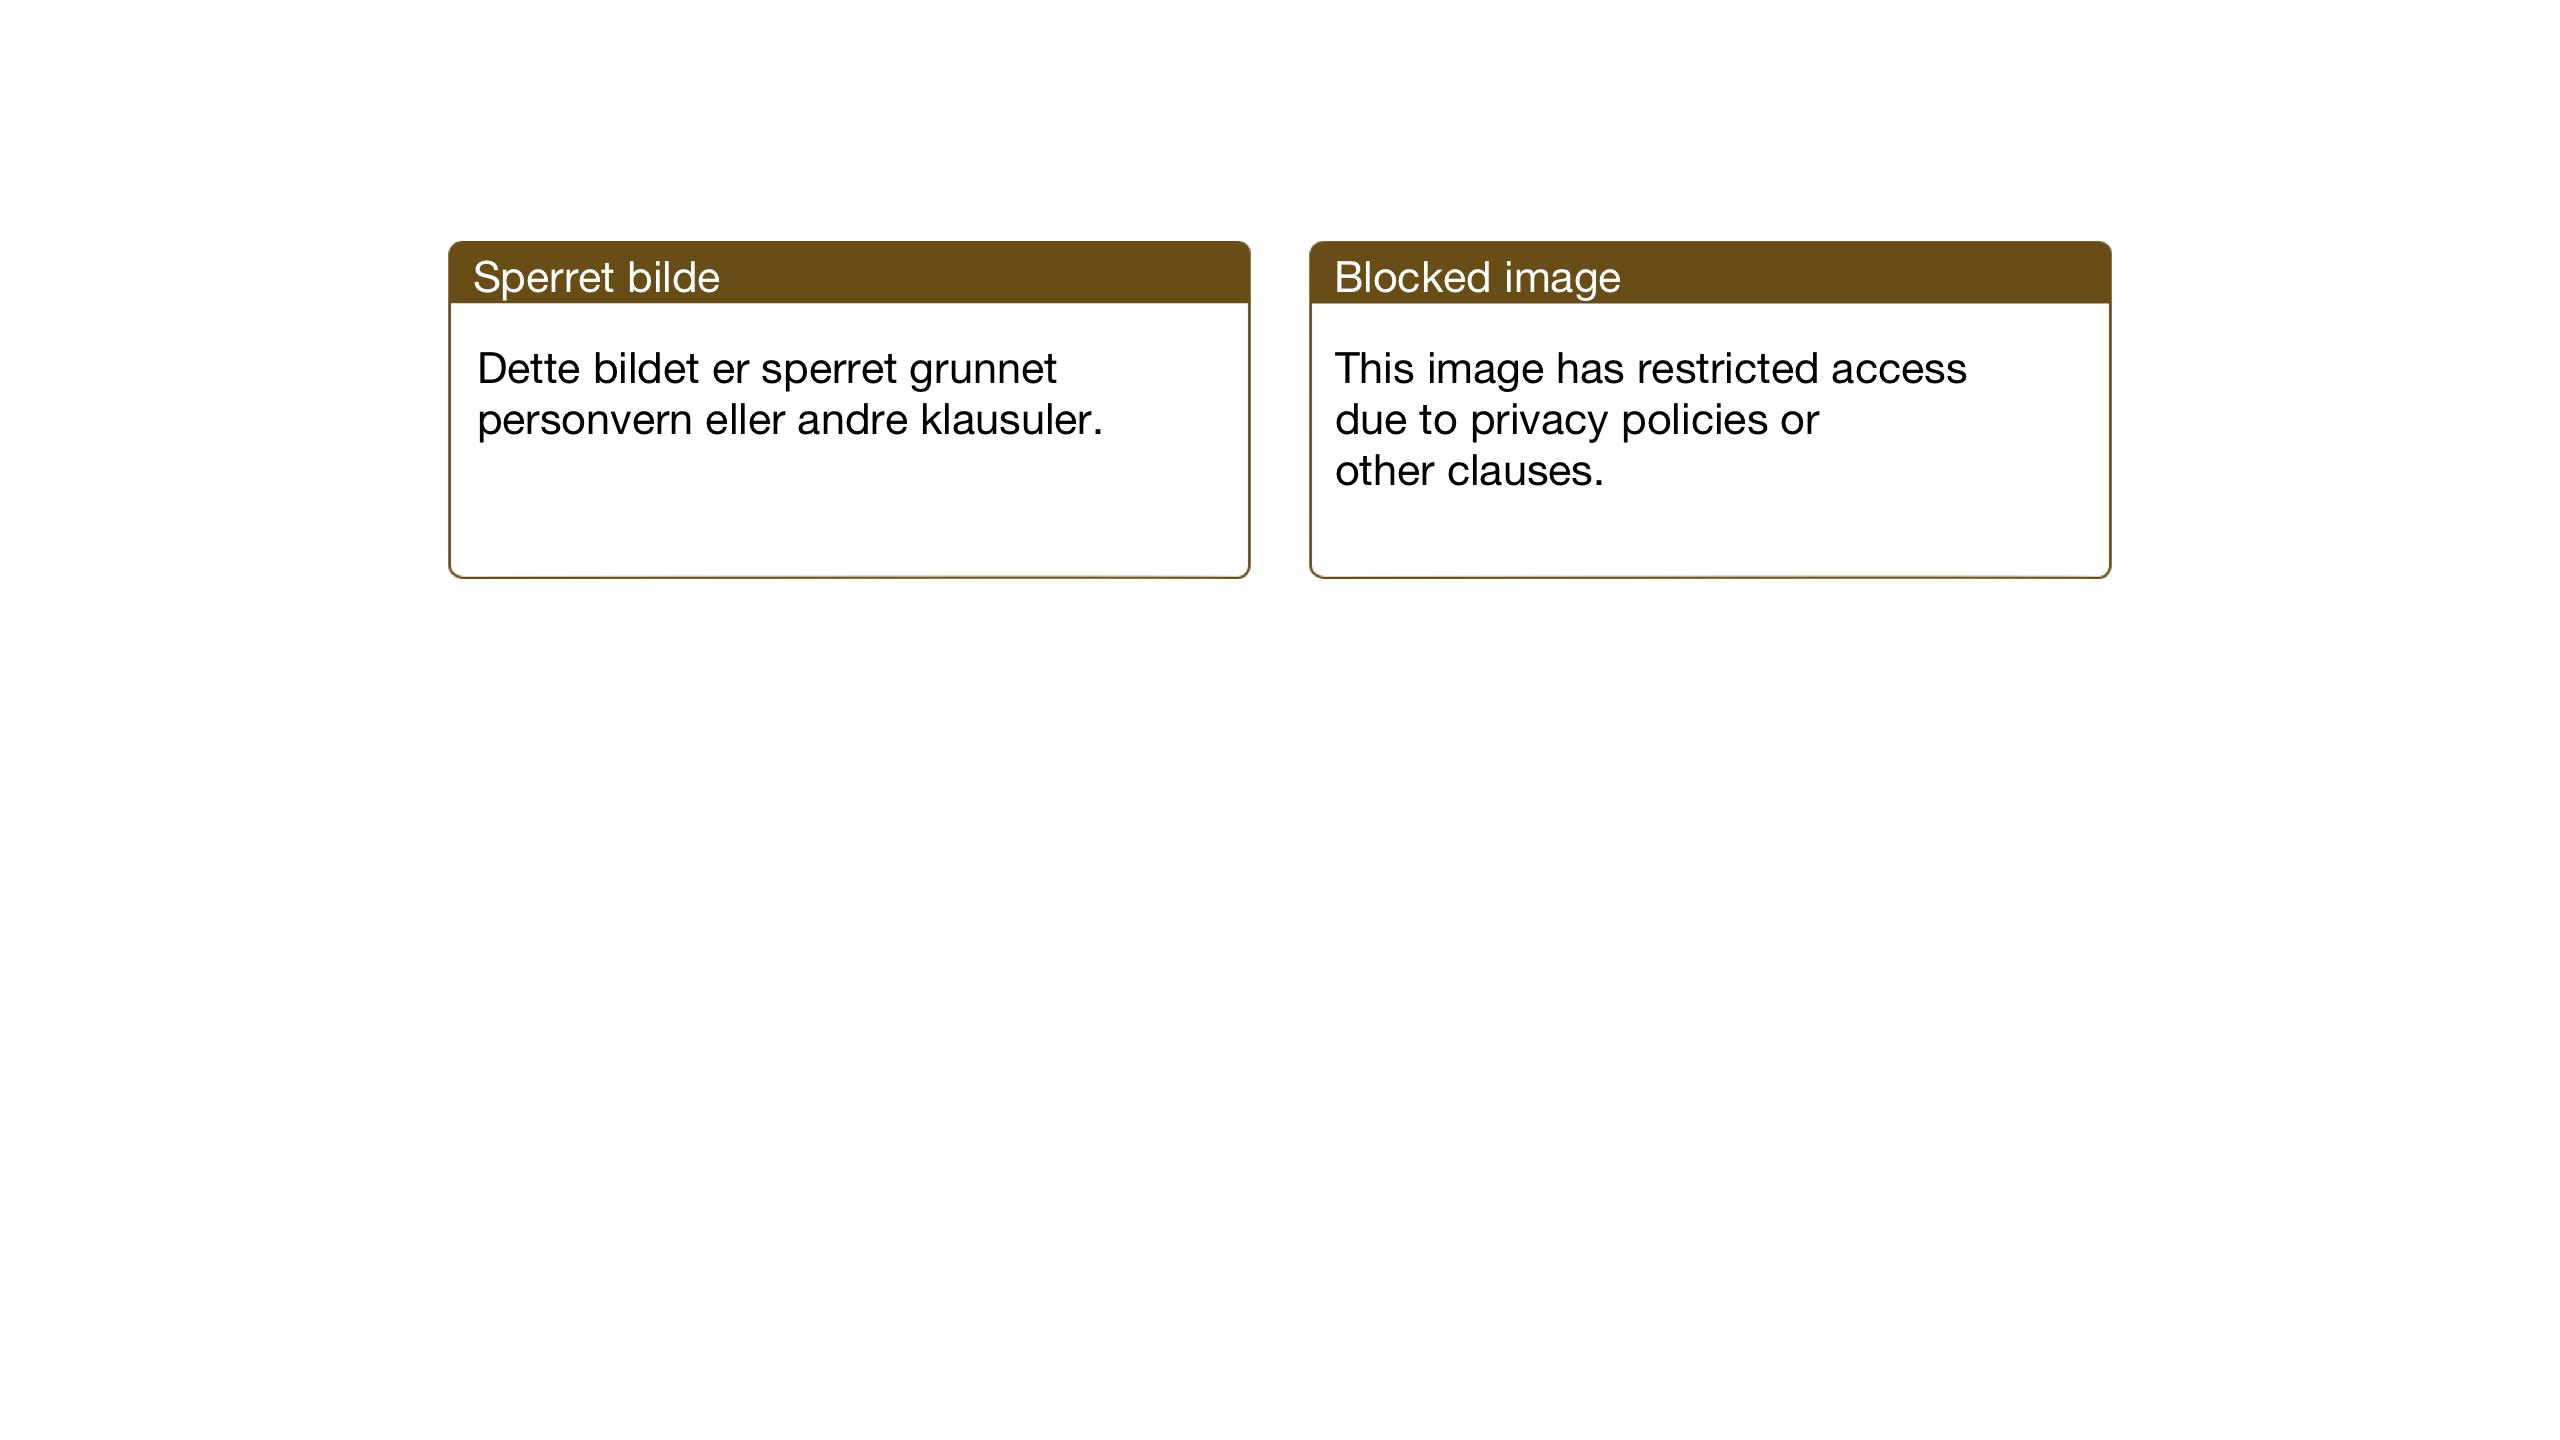 SAT, Ministerialprotokoller, klokkerbøker og fødselsregistre - Nord-Trøndelag, 712/L0104: Klokkerbok nr. 712C02, 1917-1939, s. 57